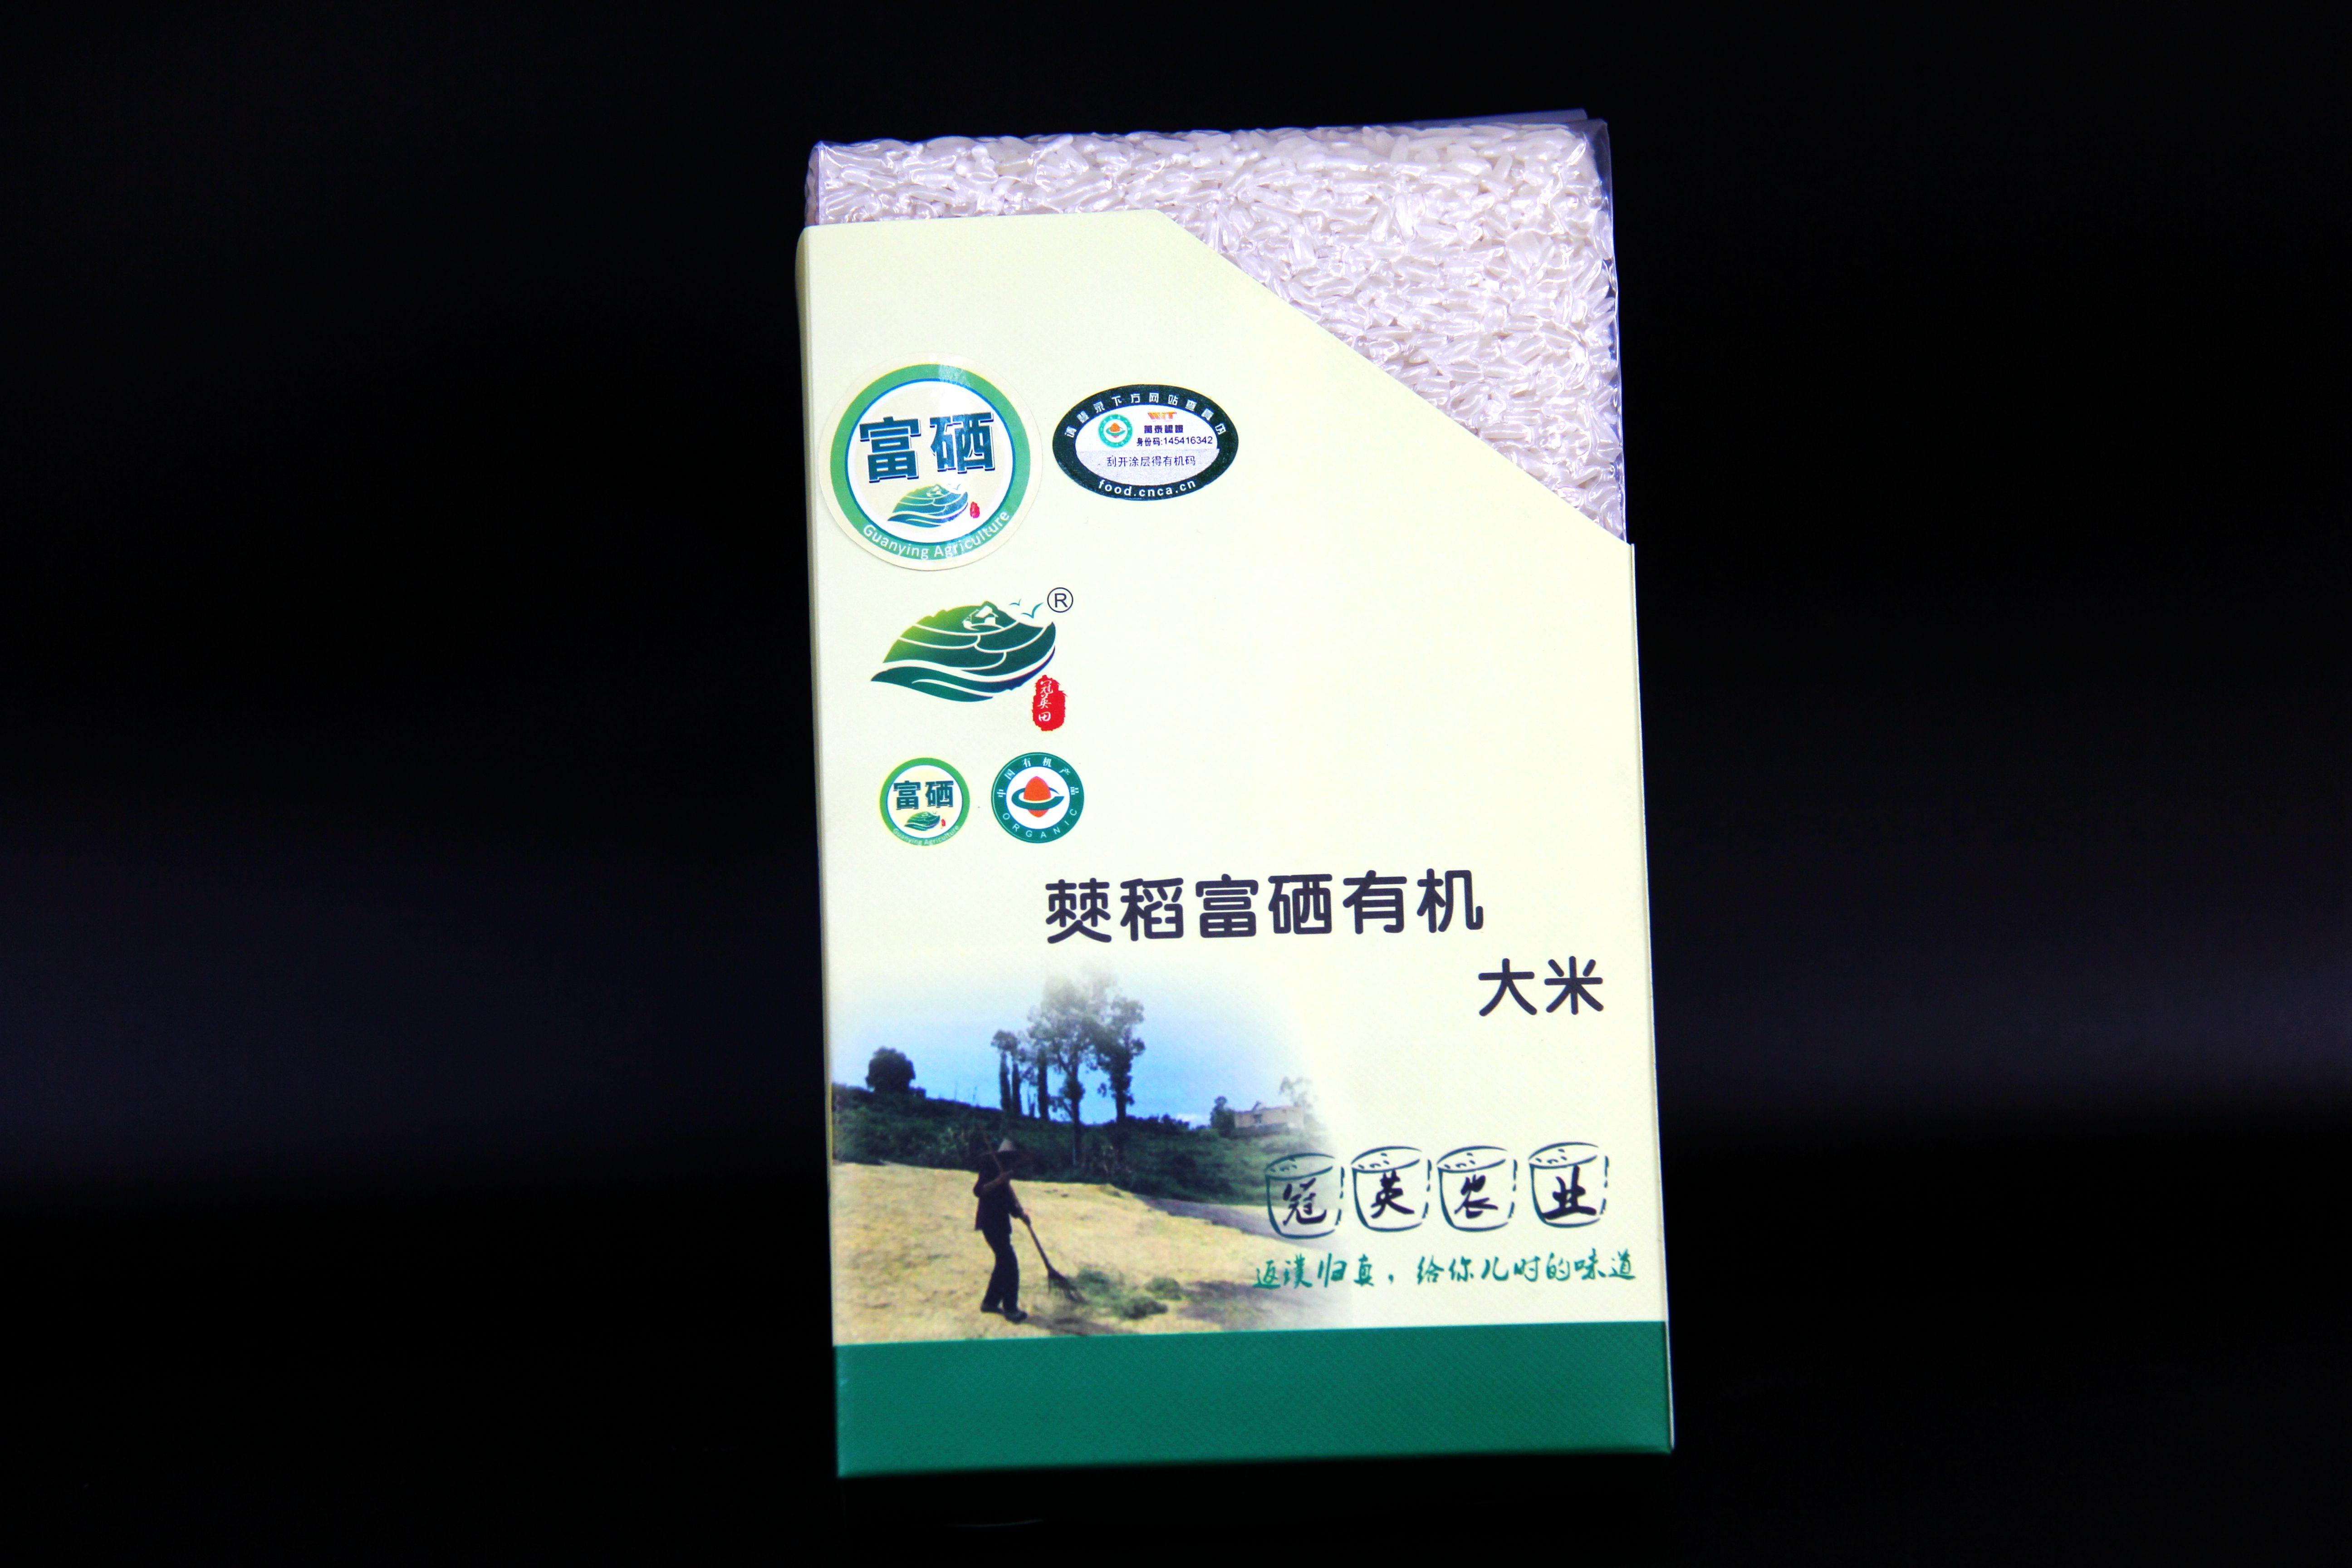 包邮1kg僰稻富硒有机大米